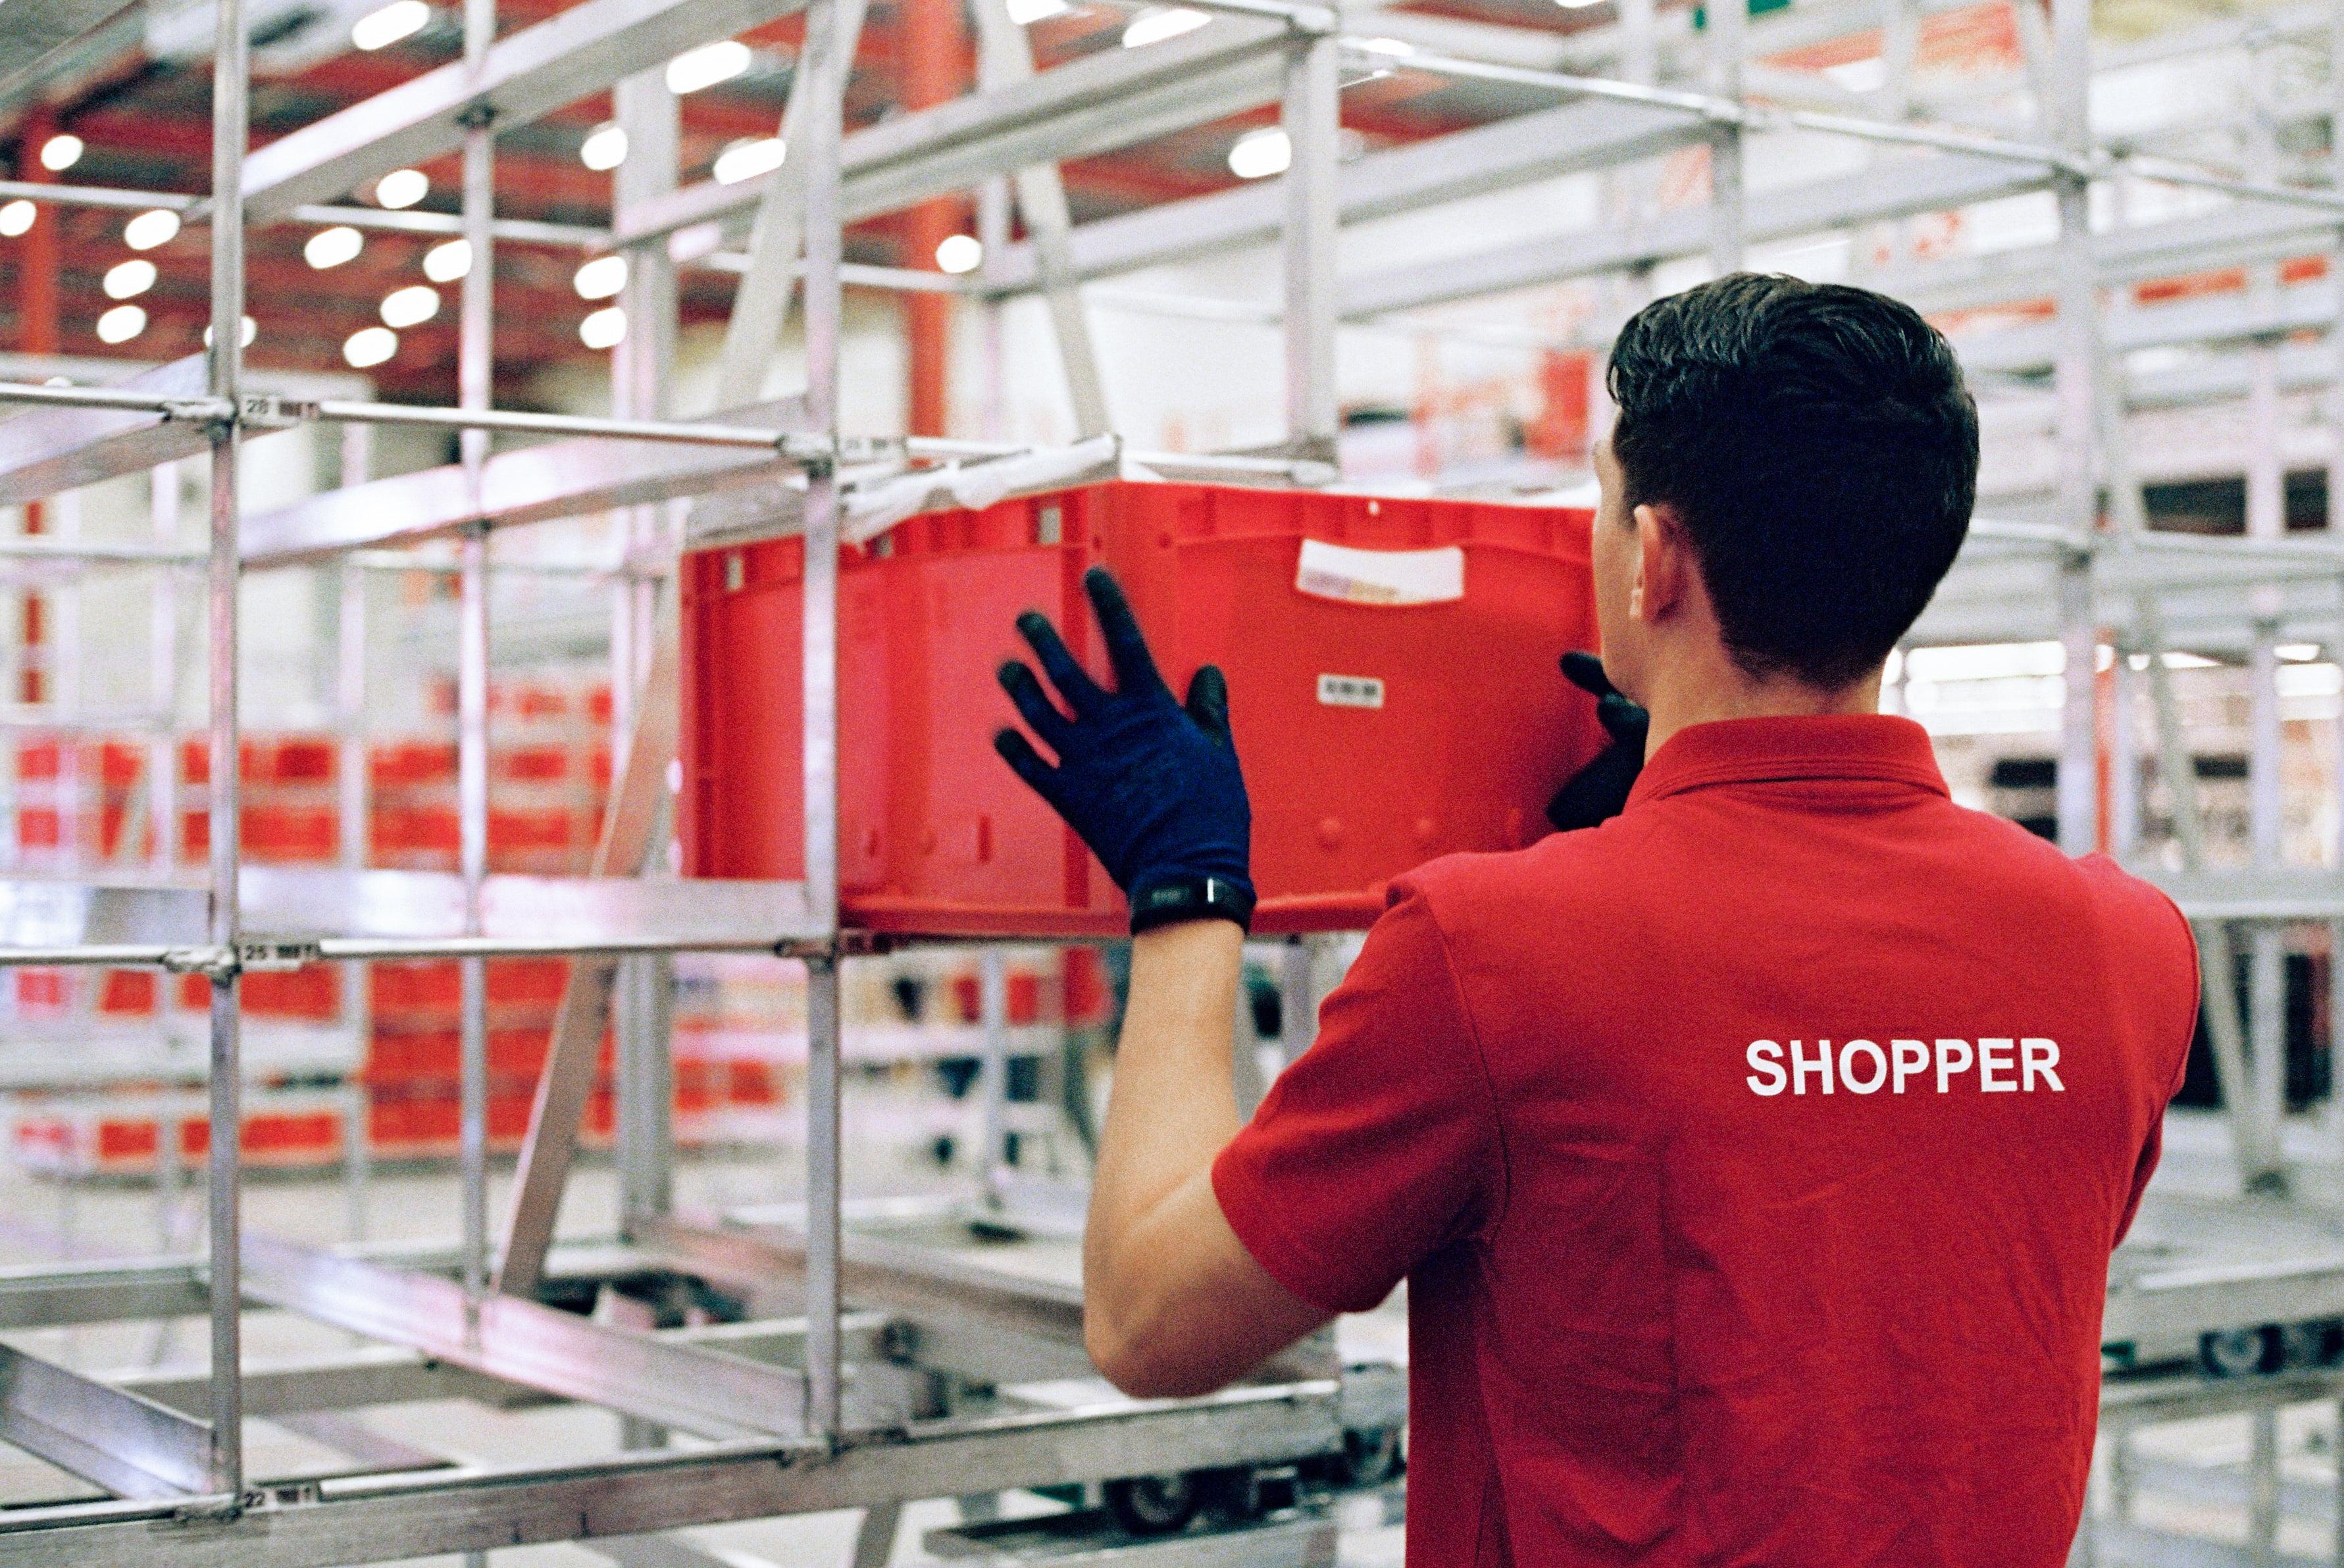 """Ein Mann in rotem Picnic T-Shirt mit der Aufschrift """"Shopper"""" räumt eine rote Kiste ins Regal ein."""